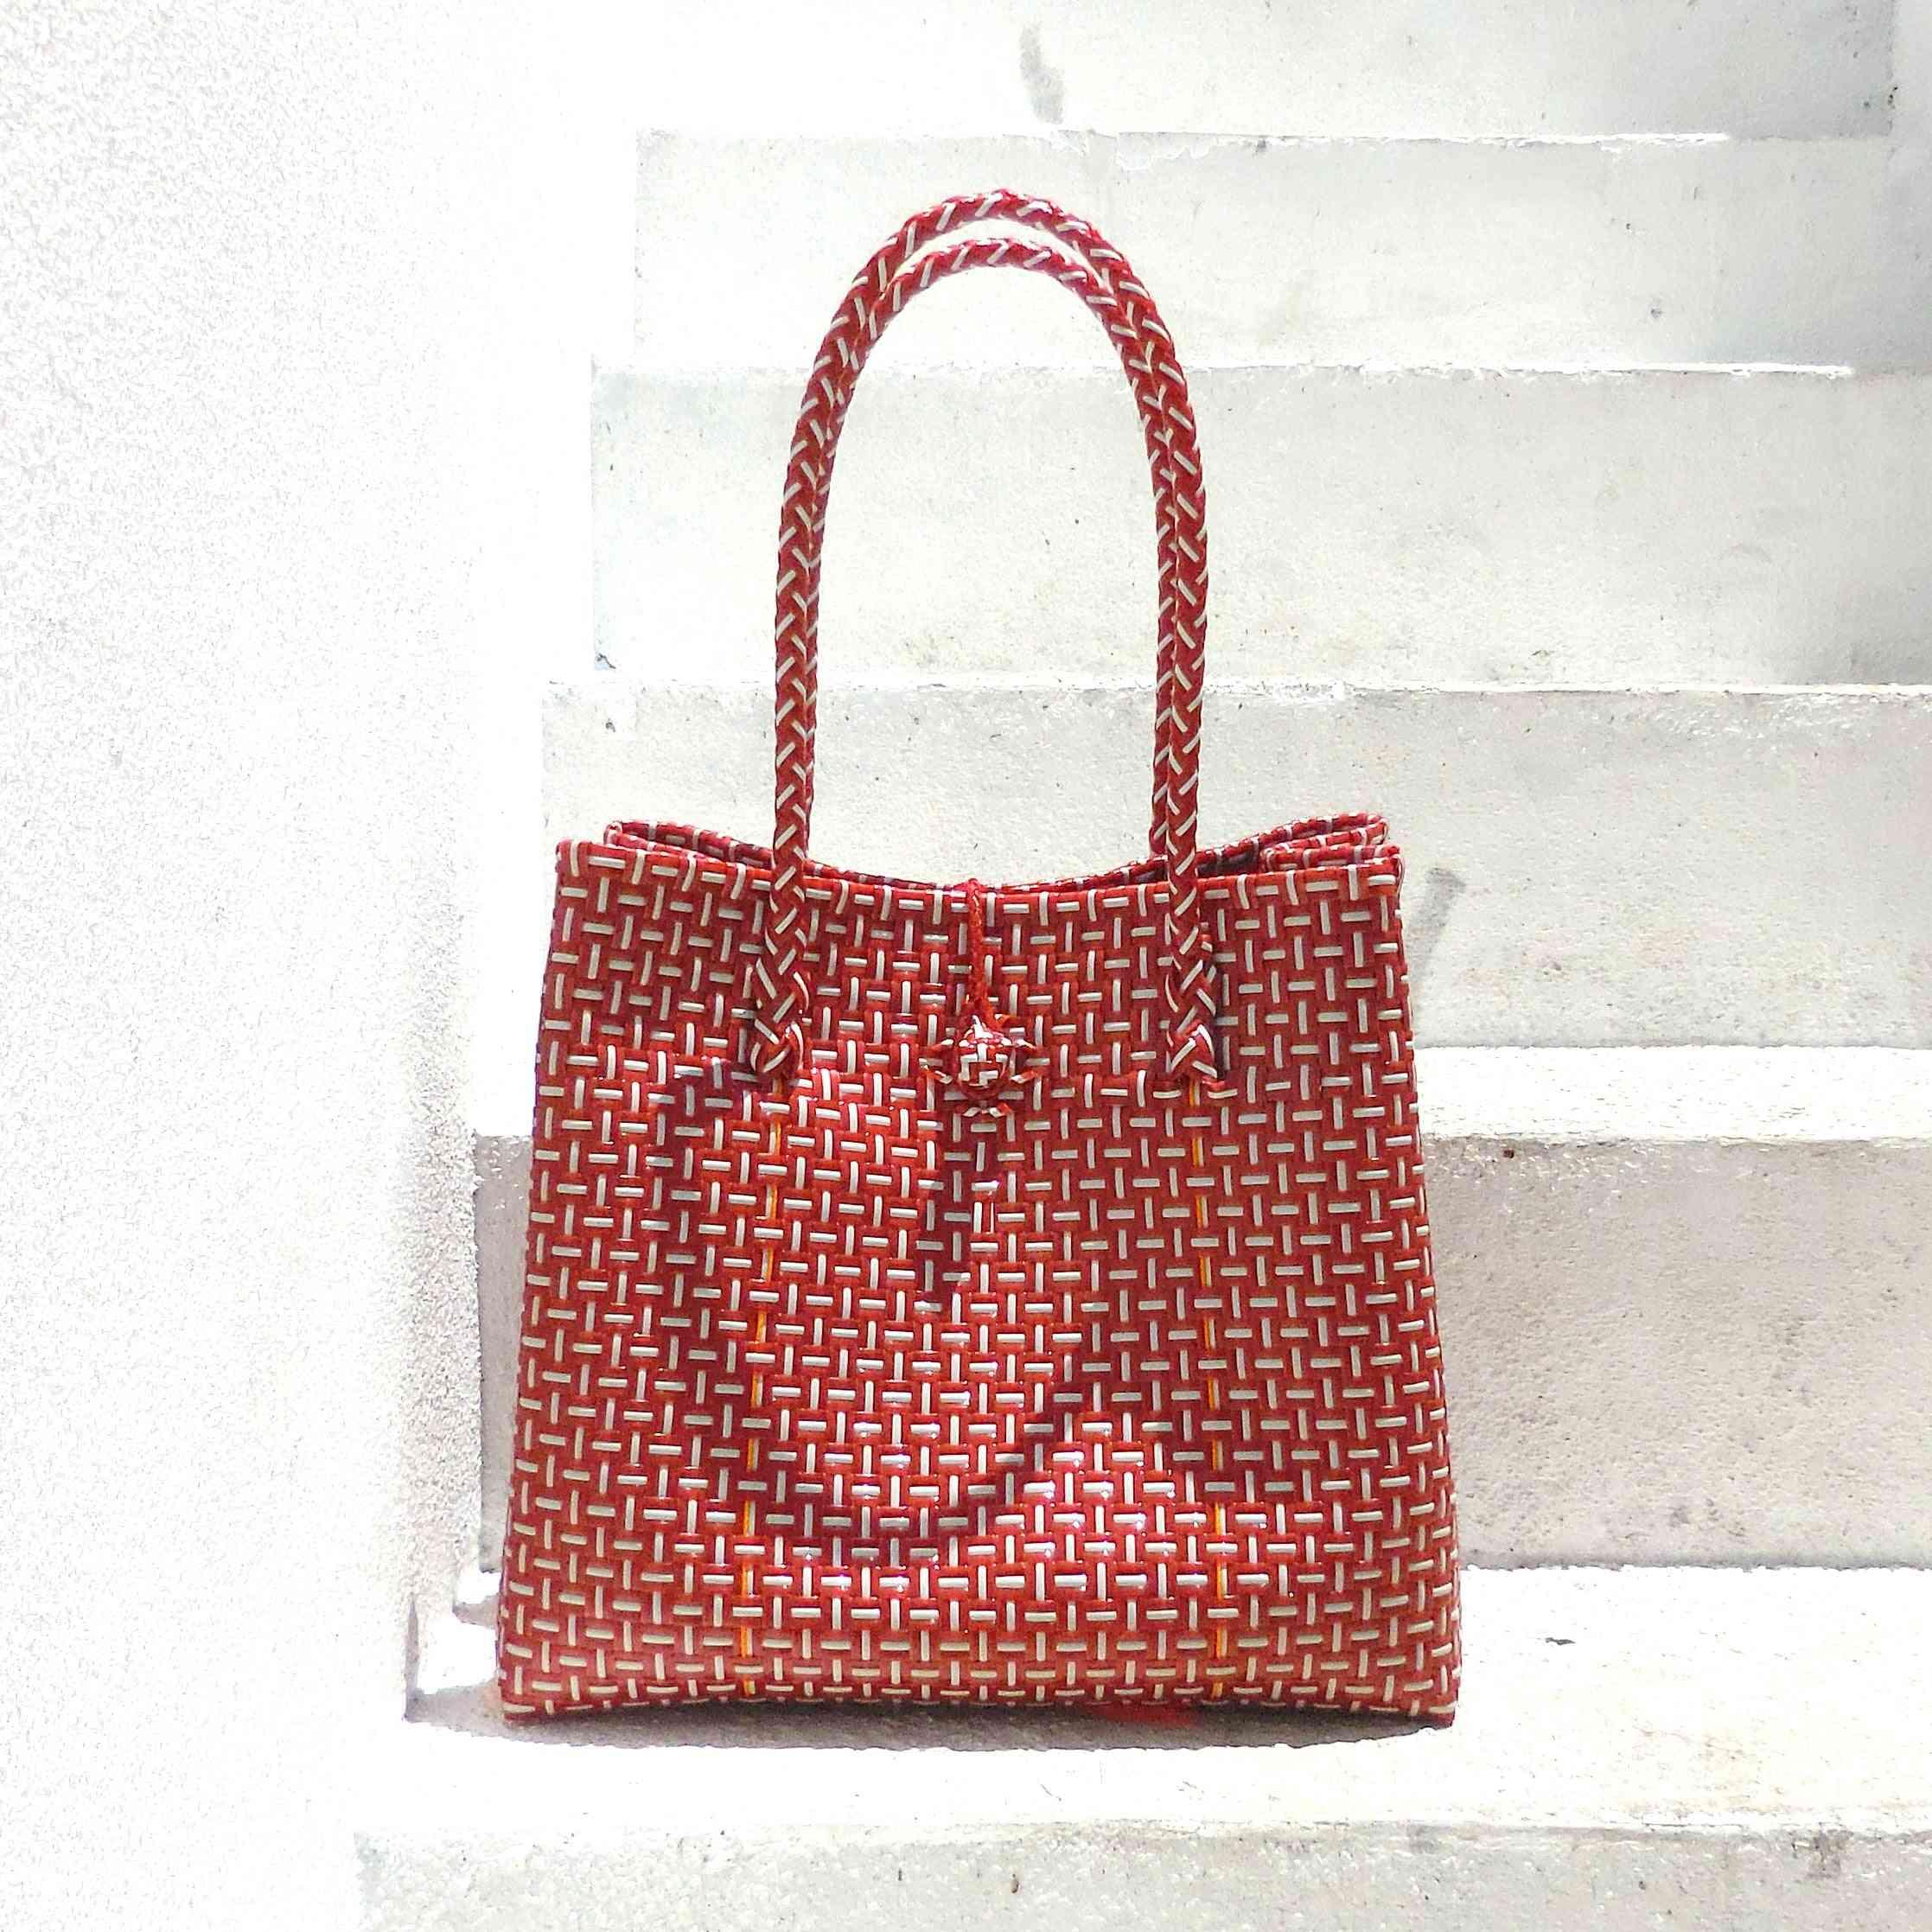 Toko Bazaar Woven Tote Bag